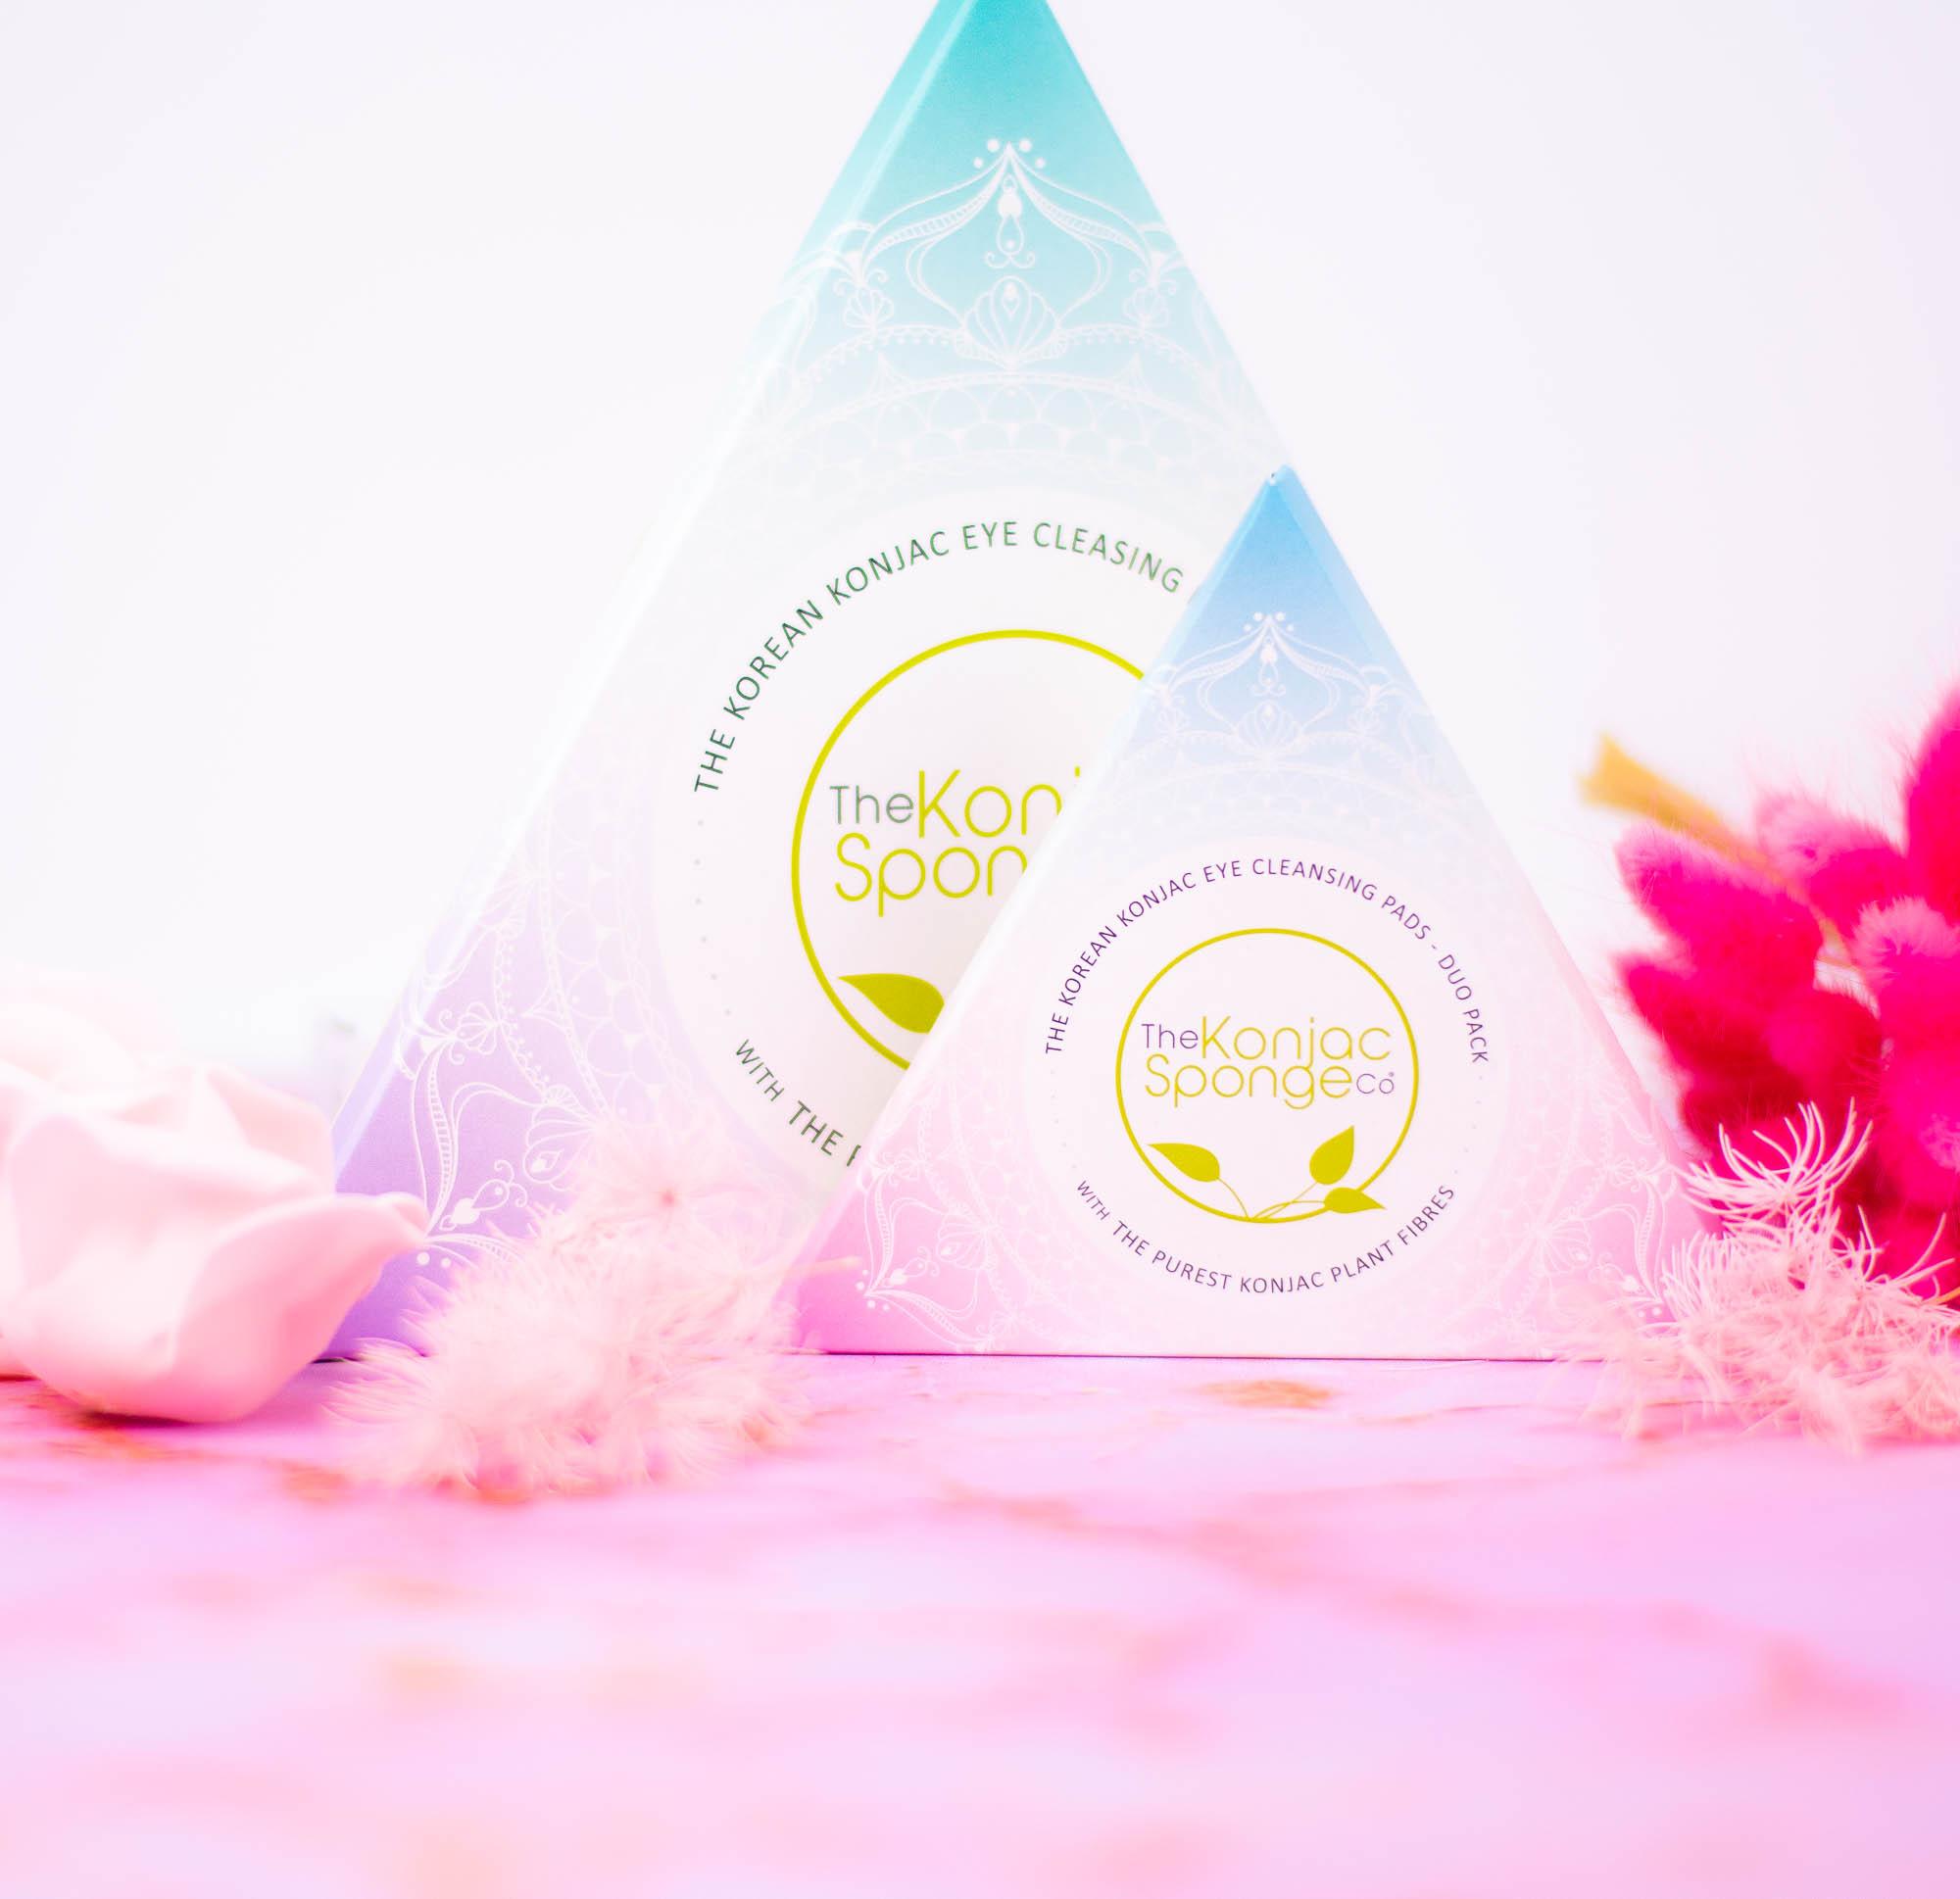 Premierowe nowości The Konjac Sponge Company! Zero waste i kolekcja Mandala.